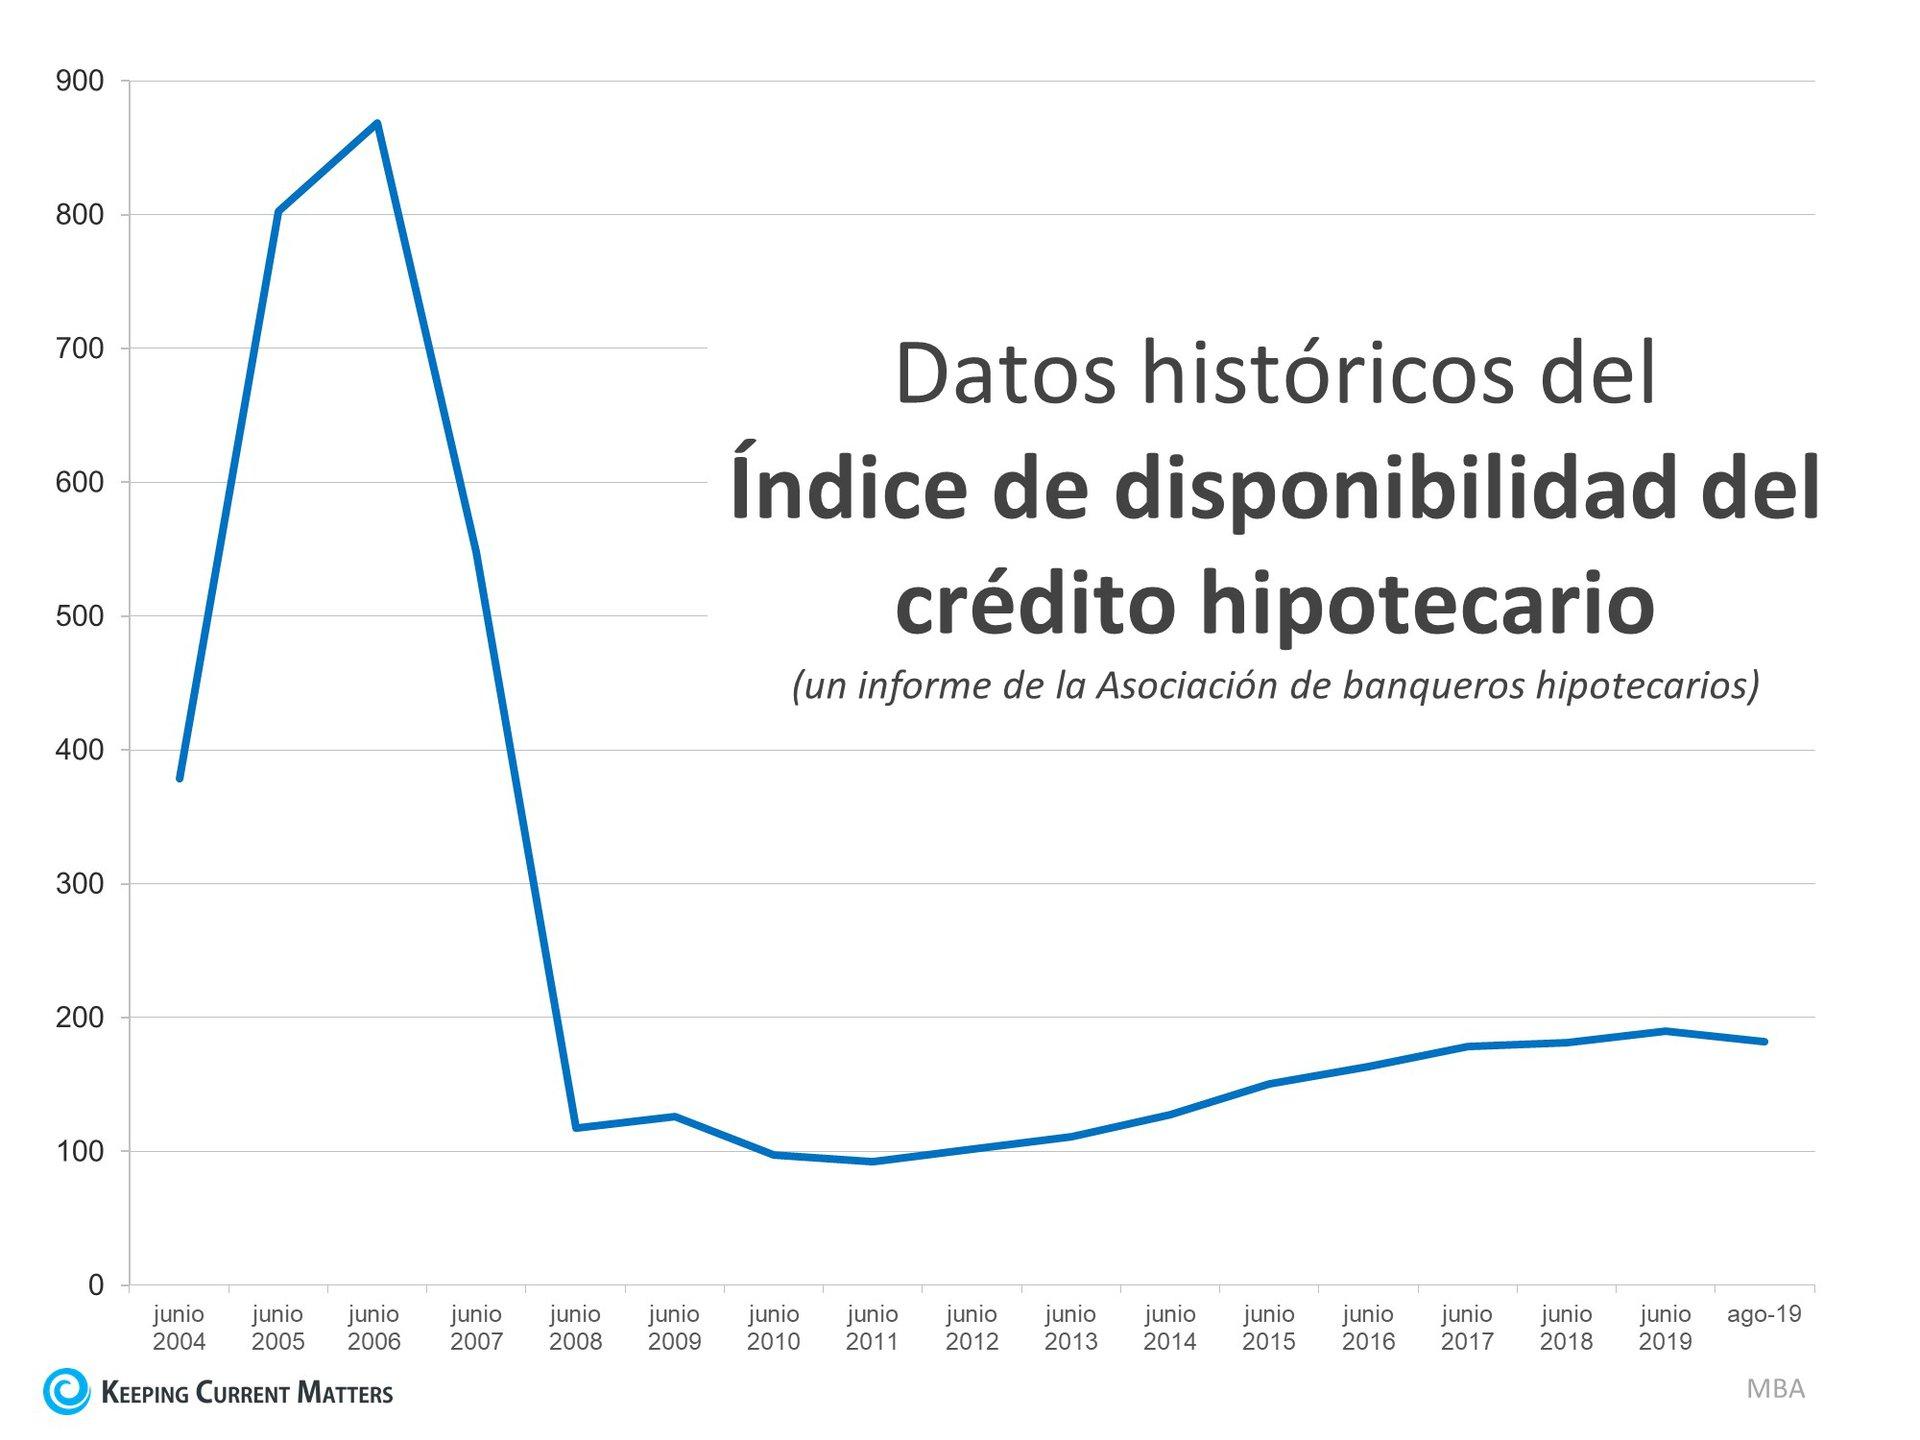 Esto no es 2008 de nuevo: El factor de préstamo hipotecario | Keeping Current Matters